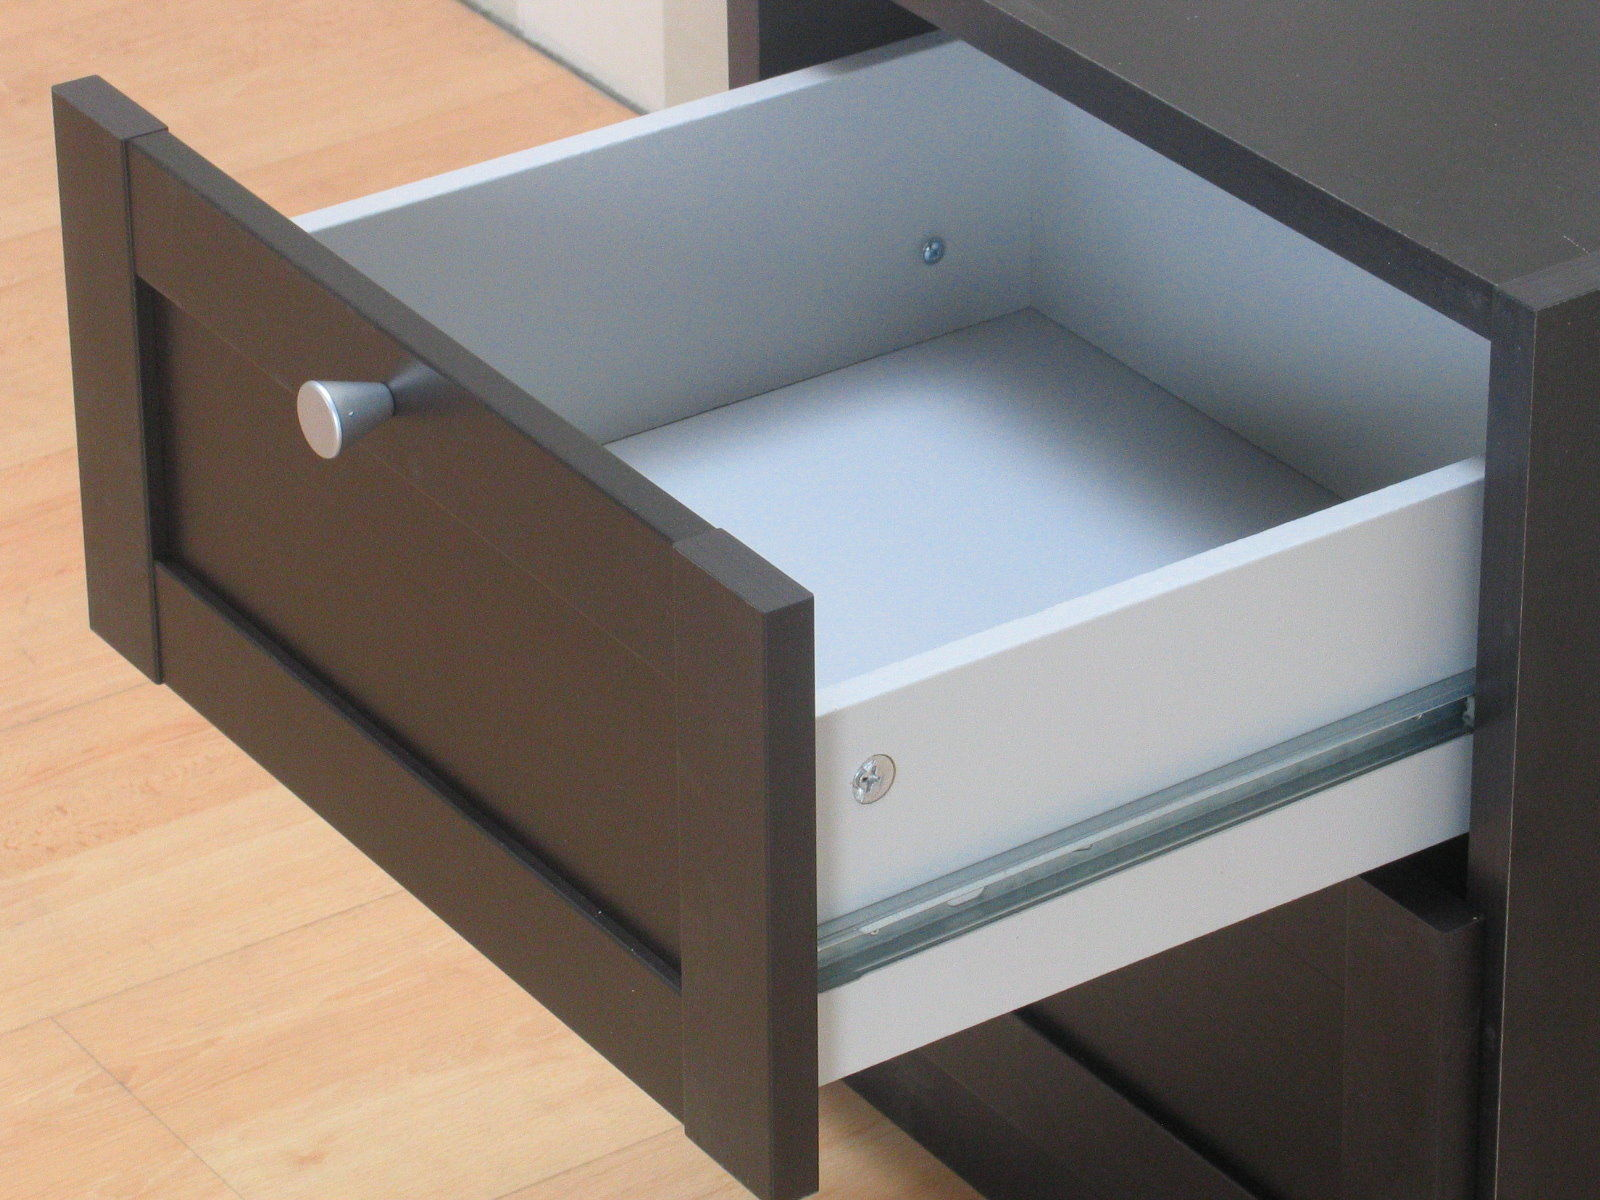 nachttisch beth nachtkonsole nachtschrank schlafzimmer. Black Bedroom Furniture Sets. Home Design Ideas